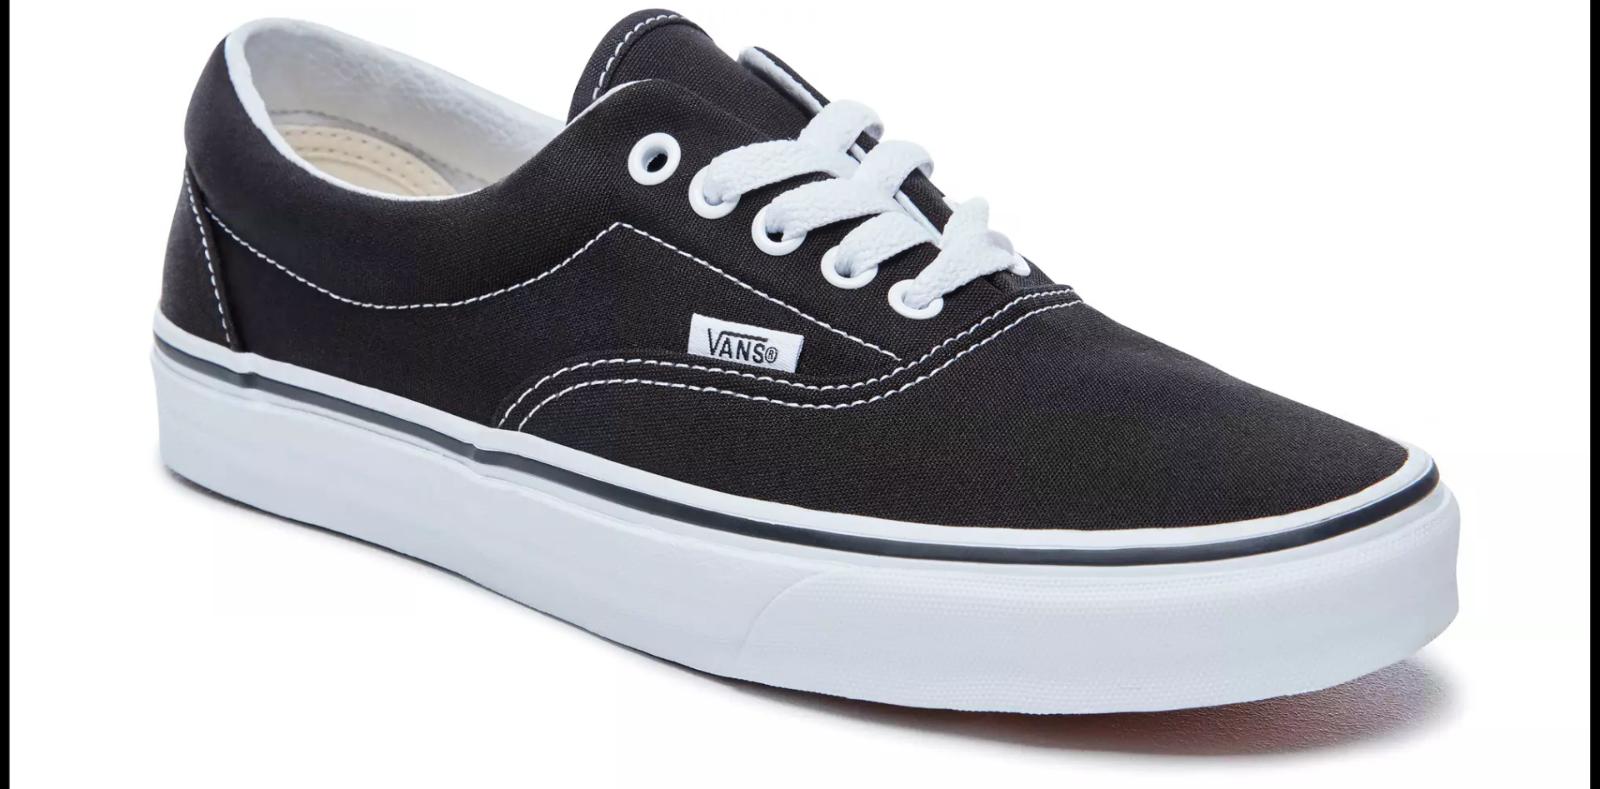 Vans Era Classic Lace-up Skate Shoe